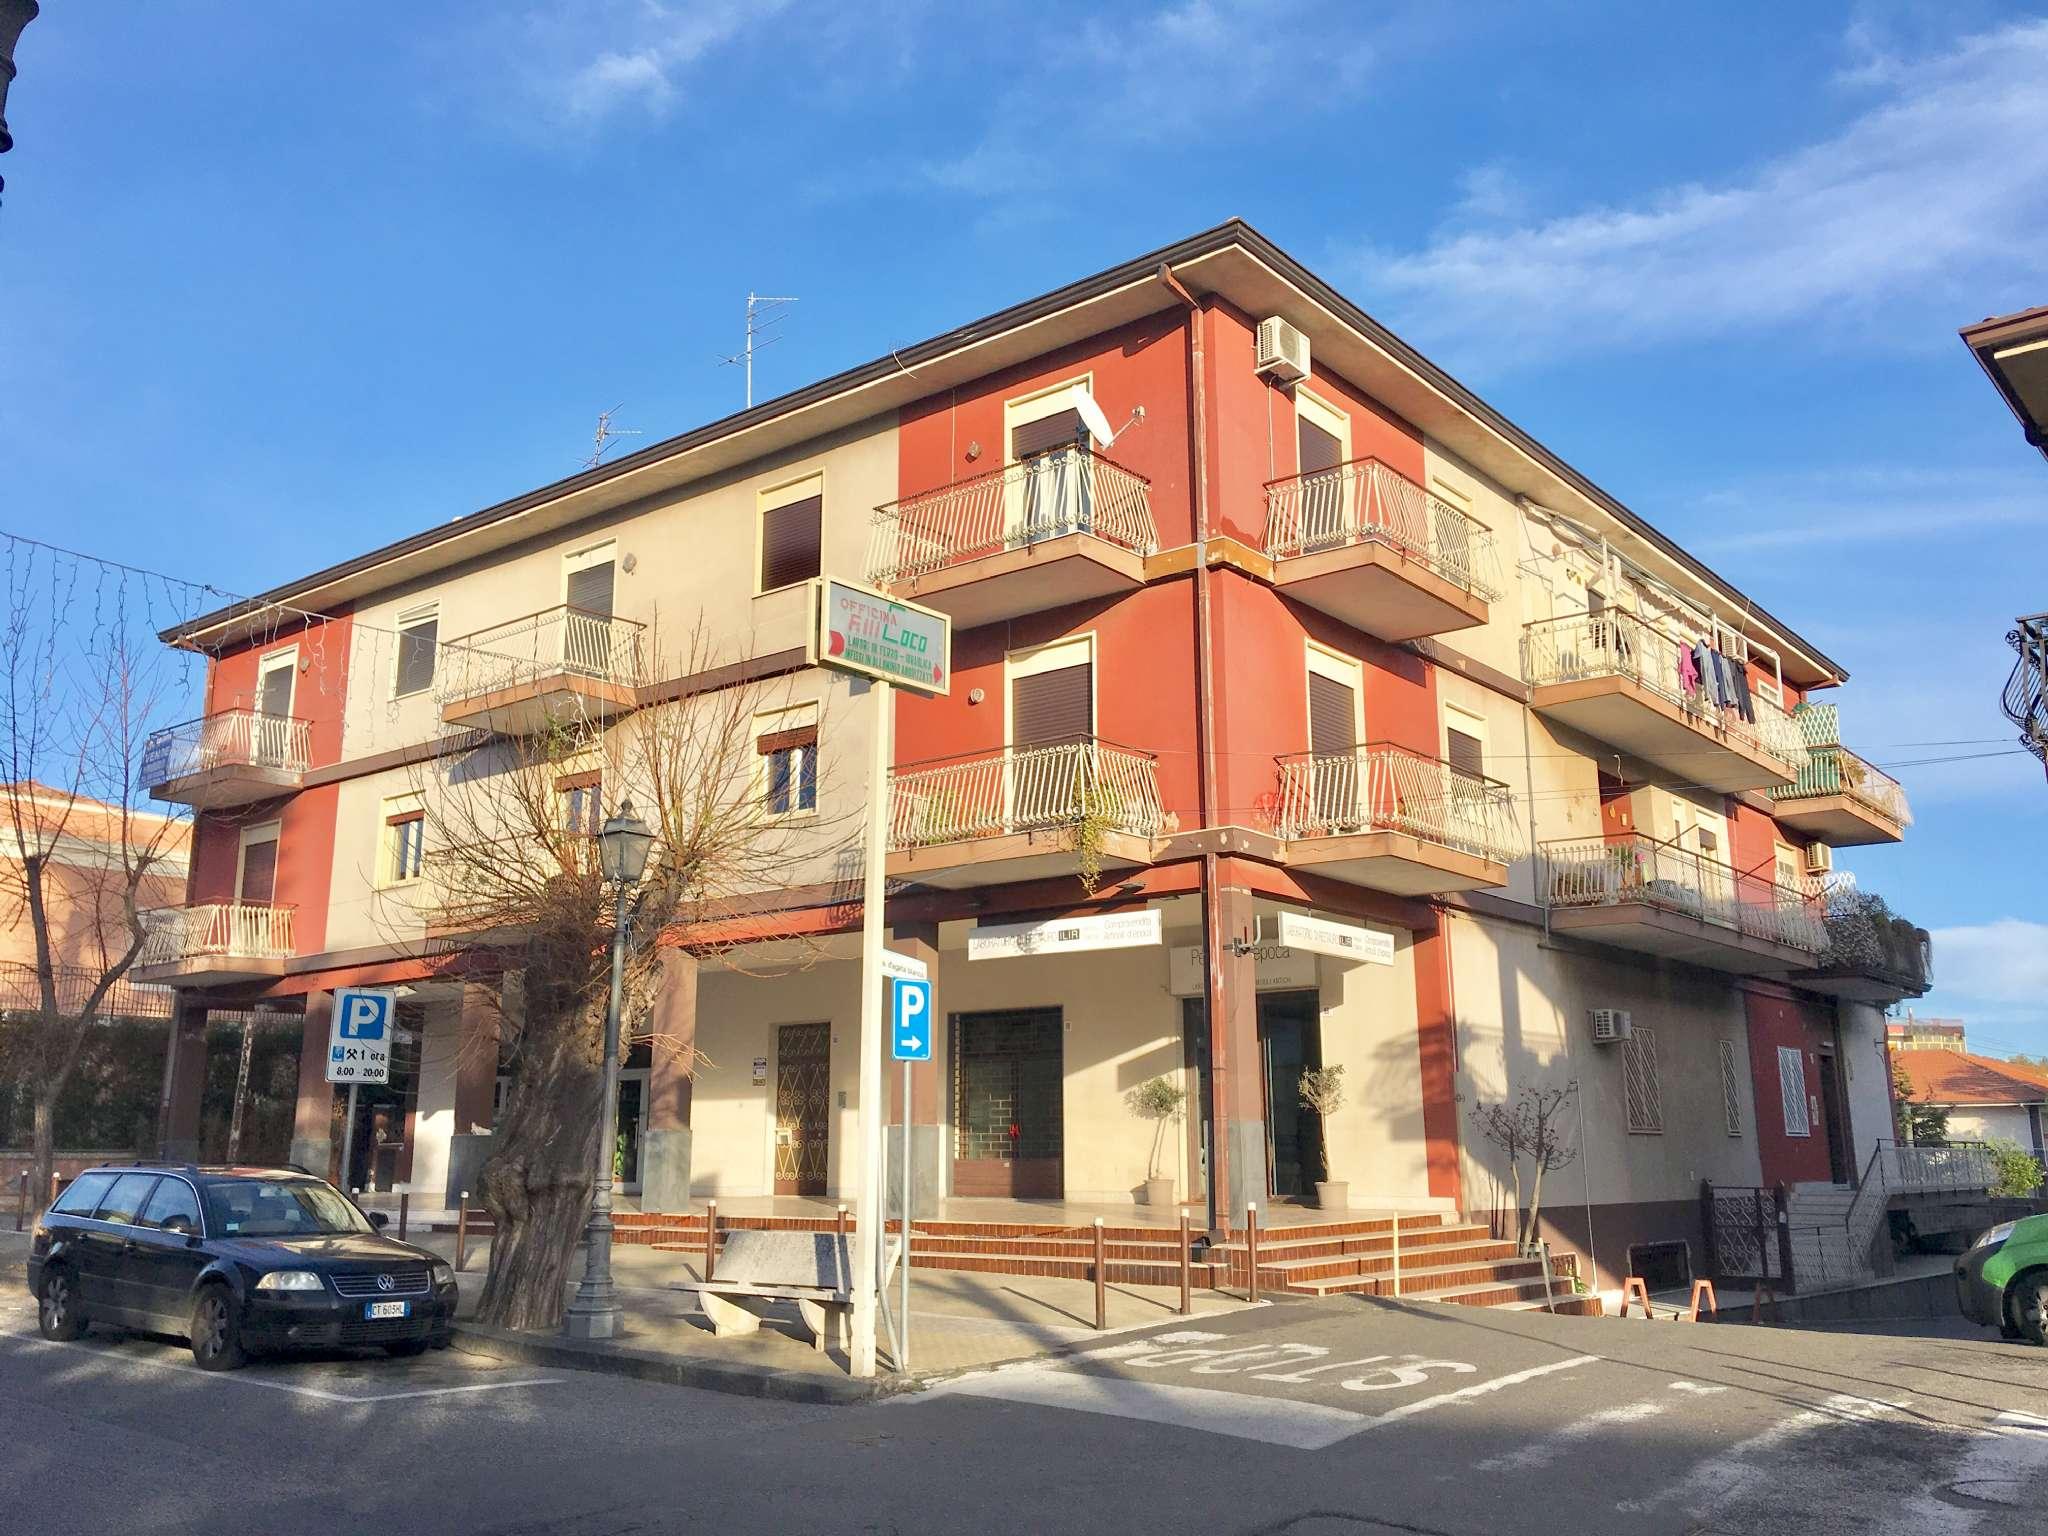 Viagrande - via Garibaldi - Primo piano - Cinque vani,cucina,doppi servizi,terrazzo di 120 mq.